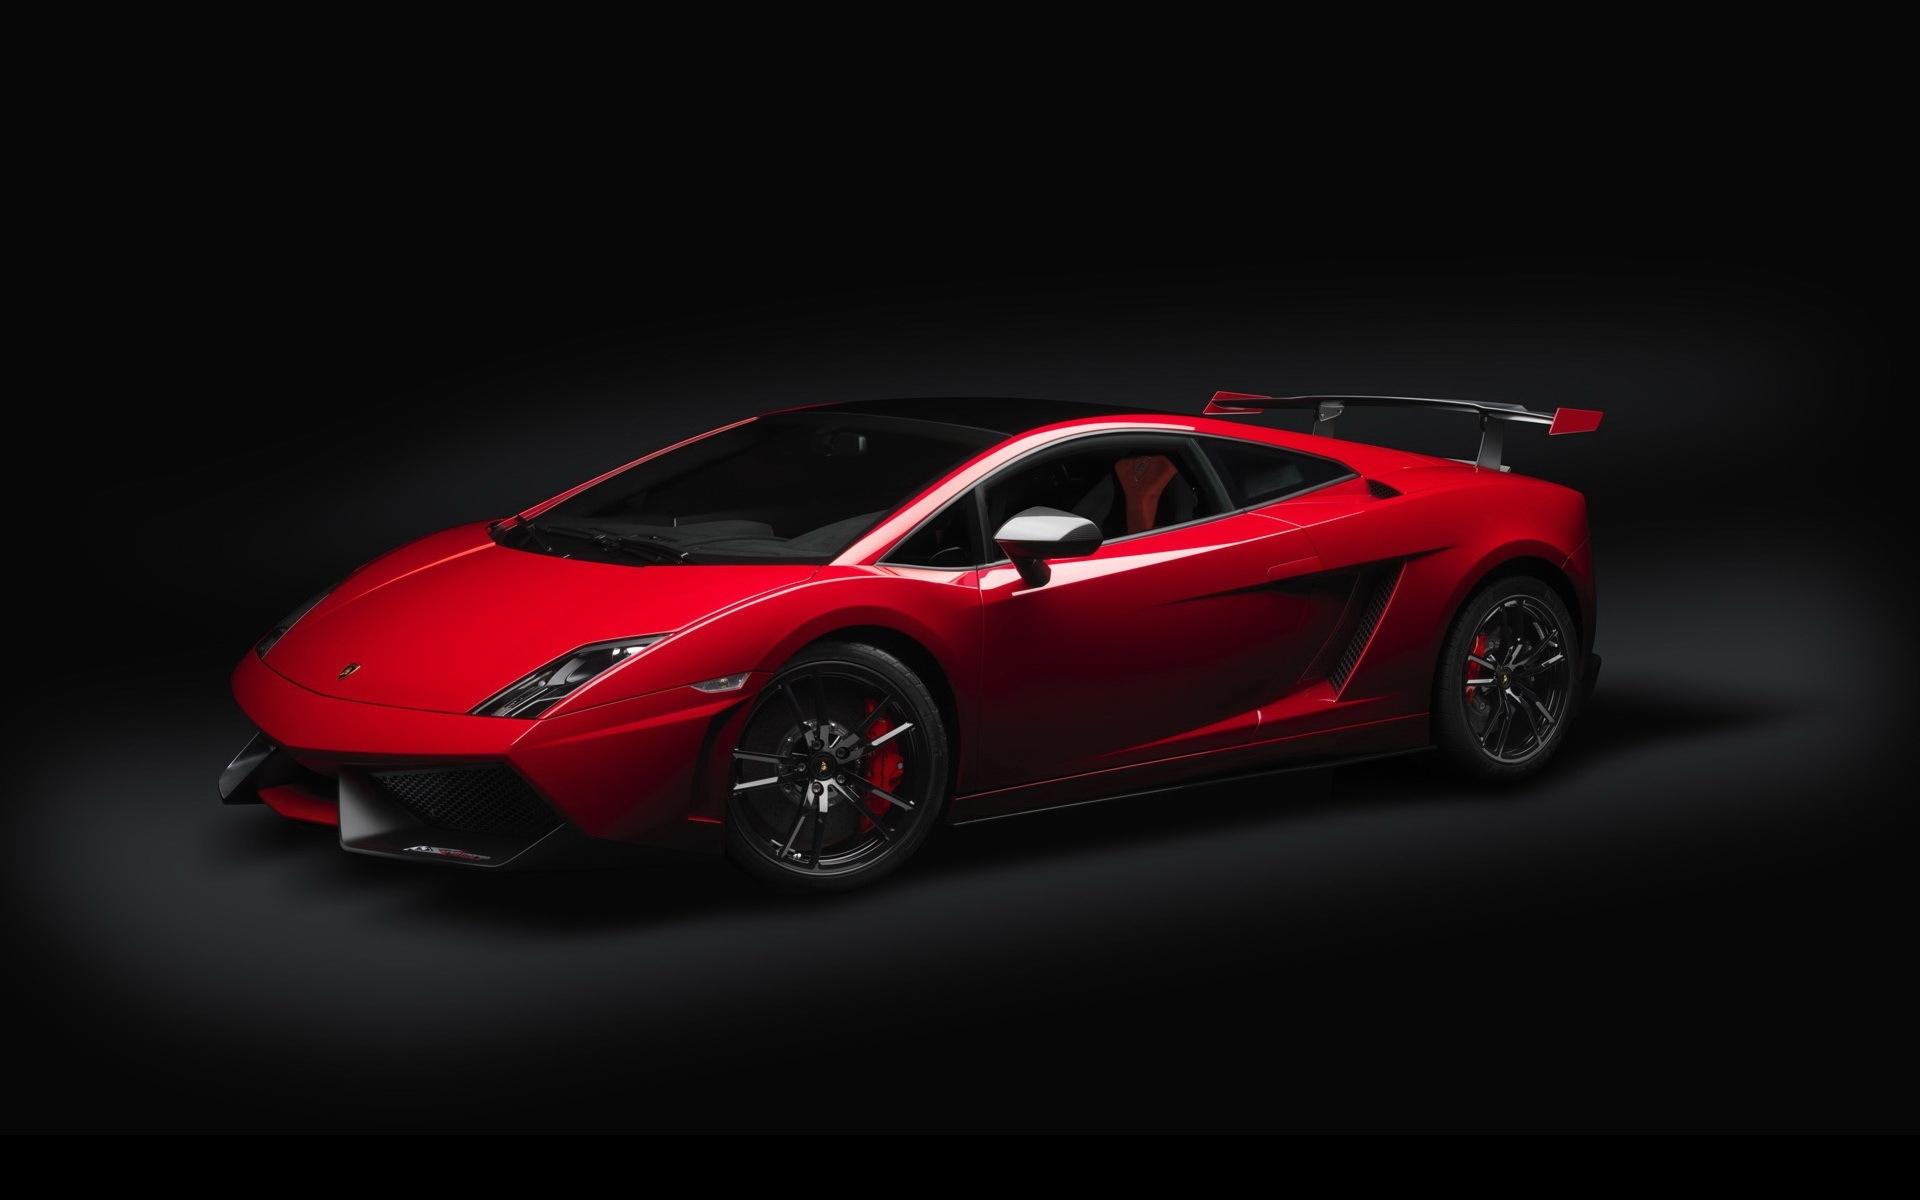 27926 скачать обои Транспорт, Машины, Ламборджини (Lamborghini) - заставки и картинки бесплатно